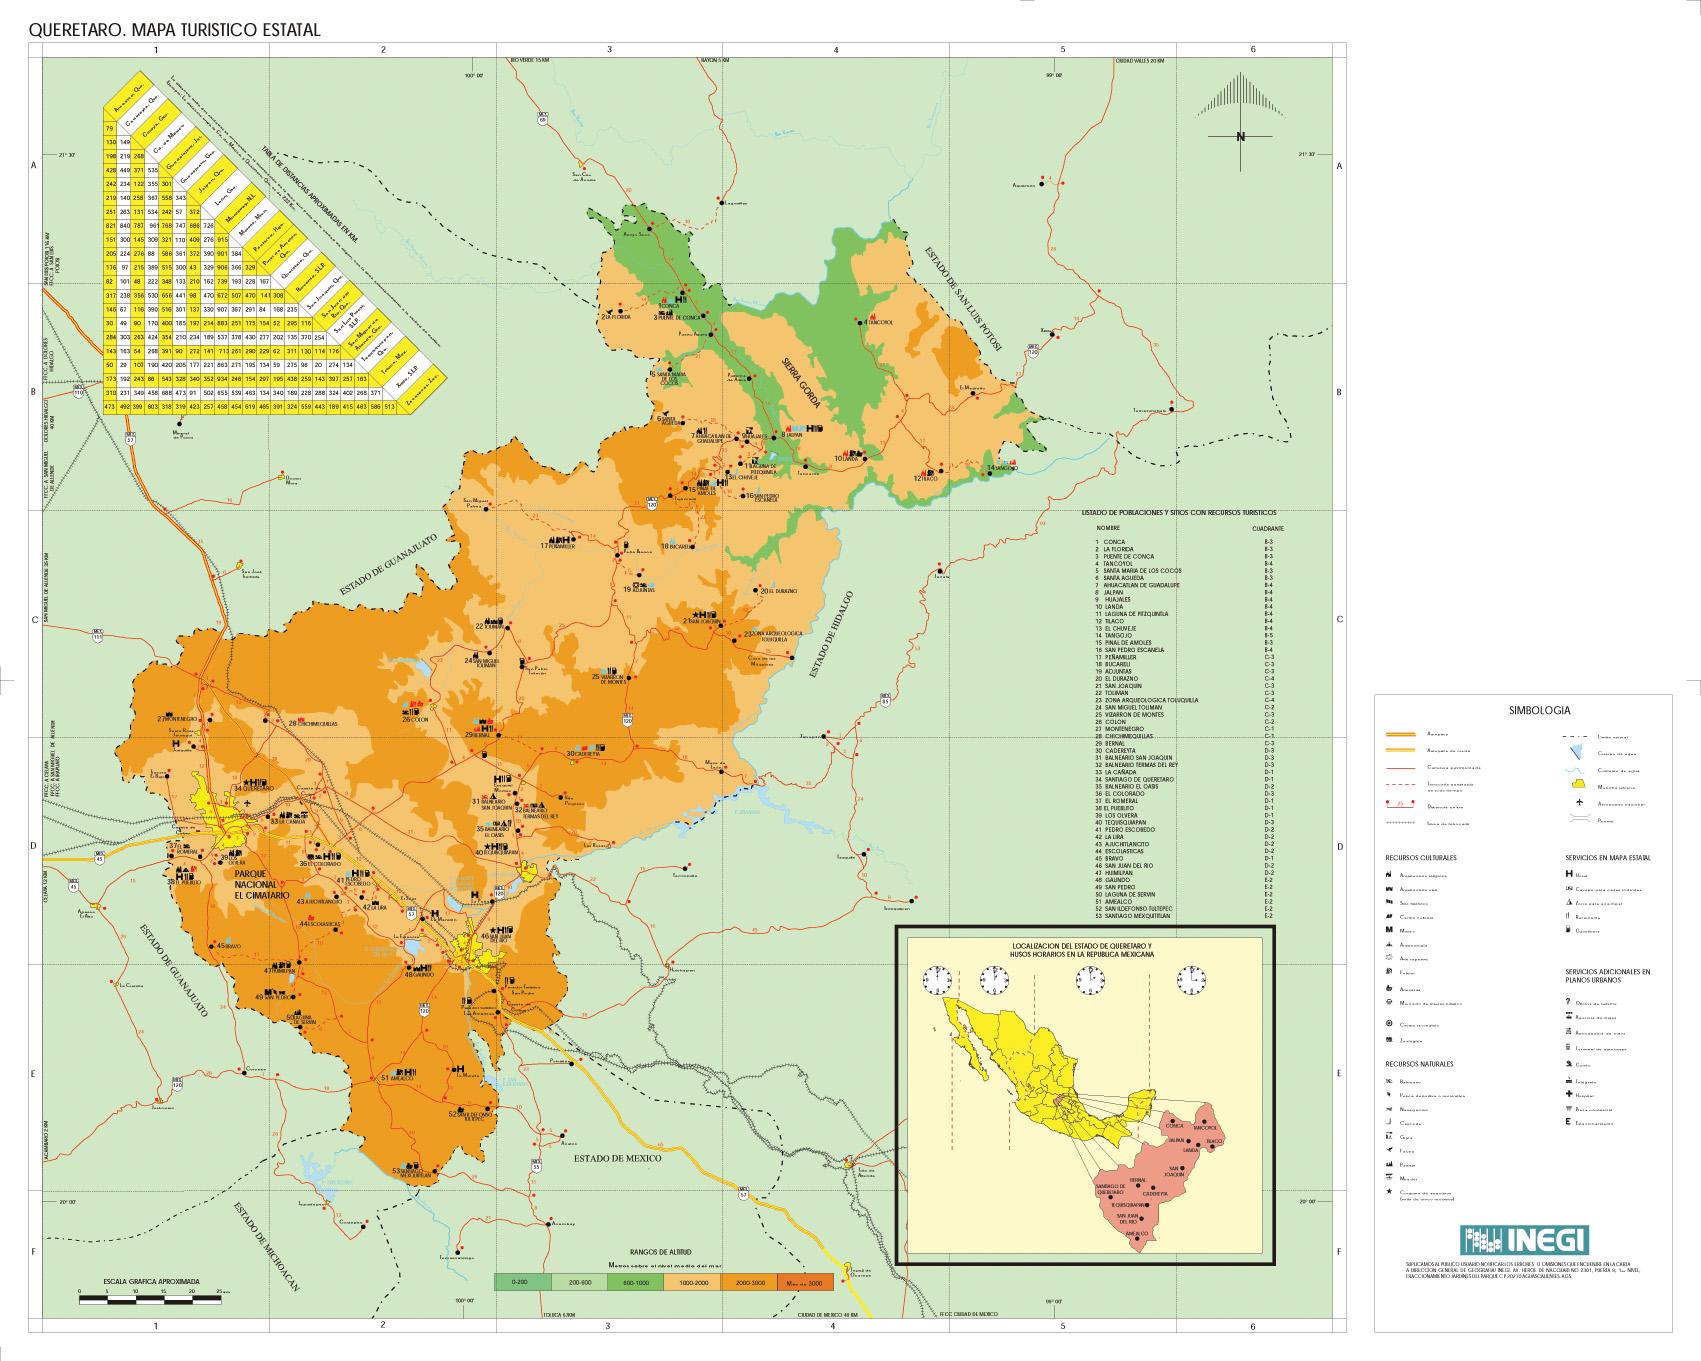 Queretaro State Map, Mexico